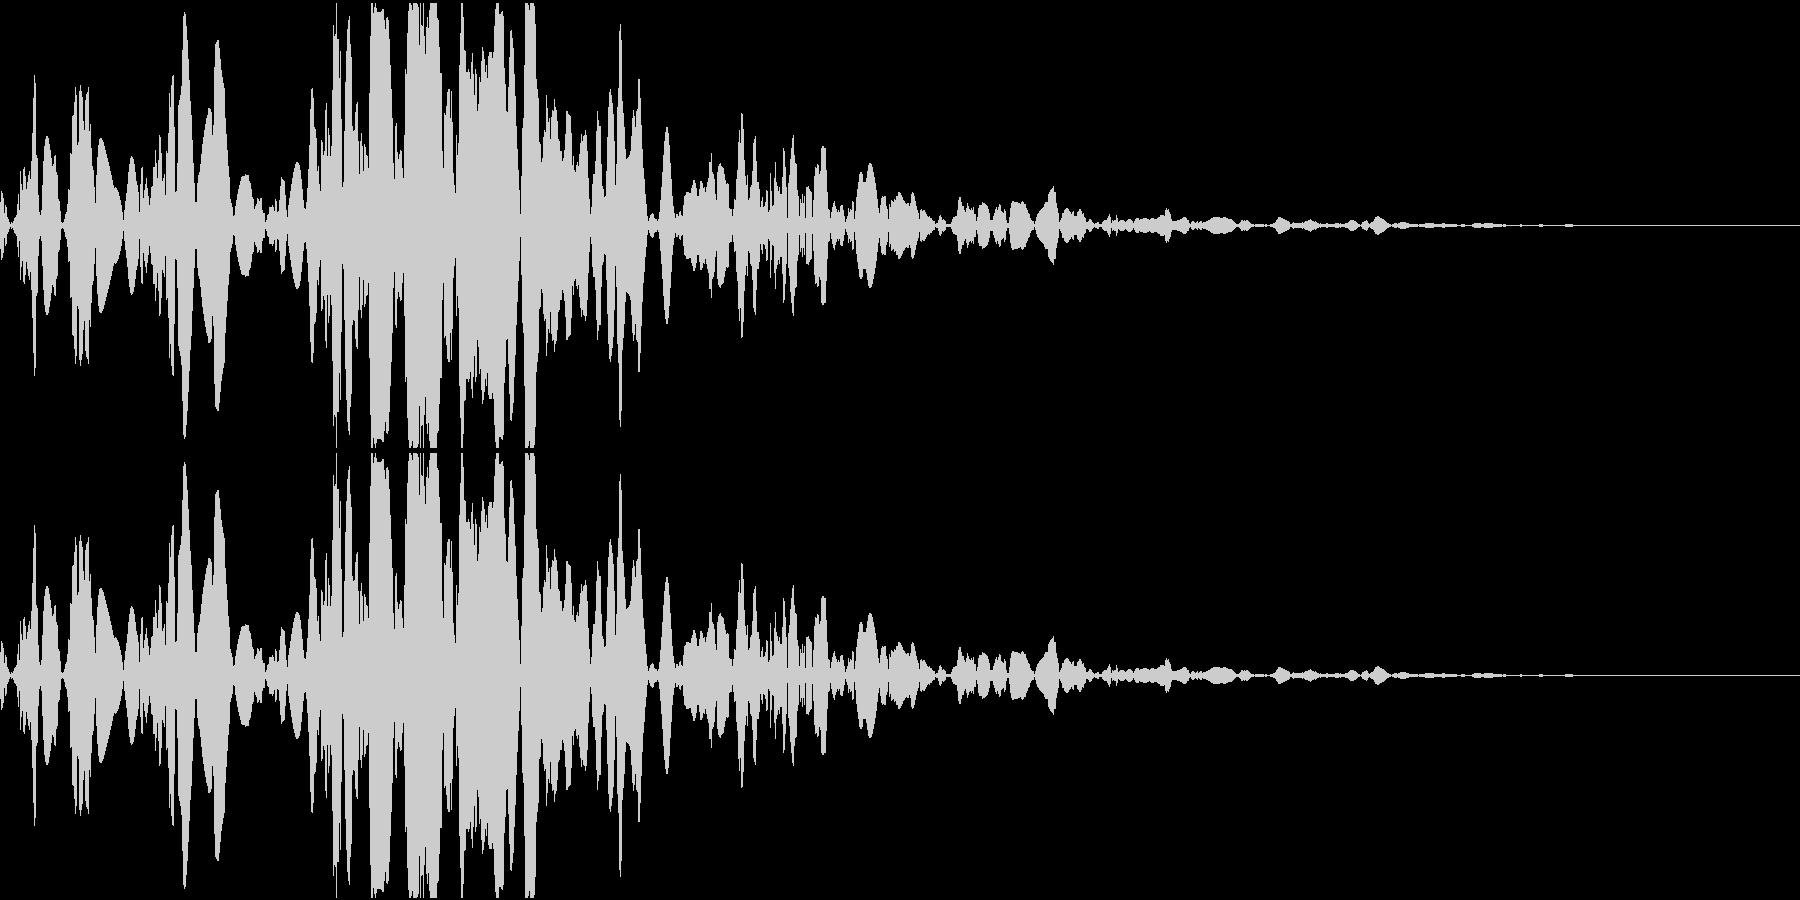 ベチャッ10(泥・液体系のアクション音)の未再生の波形